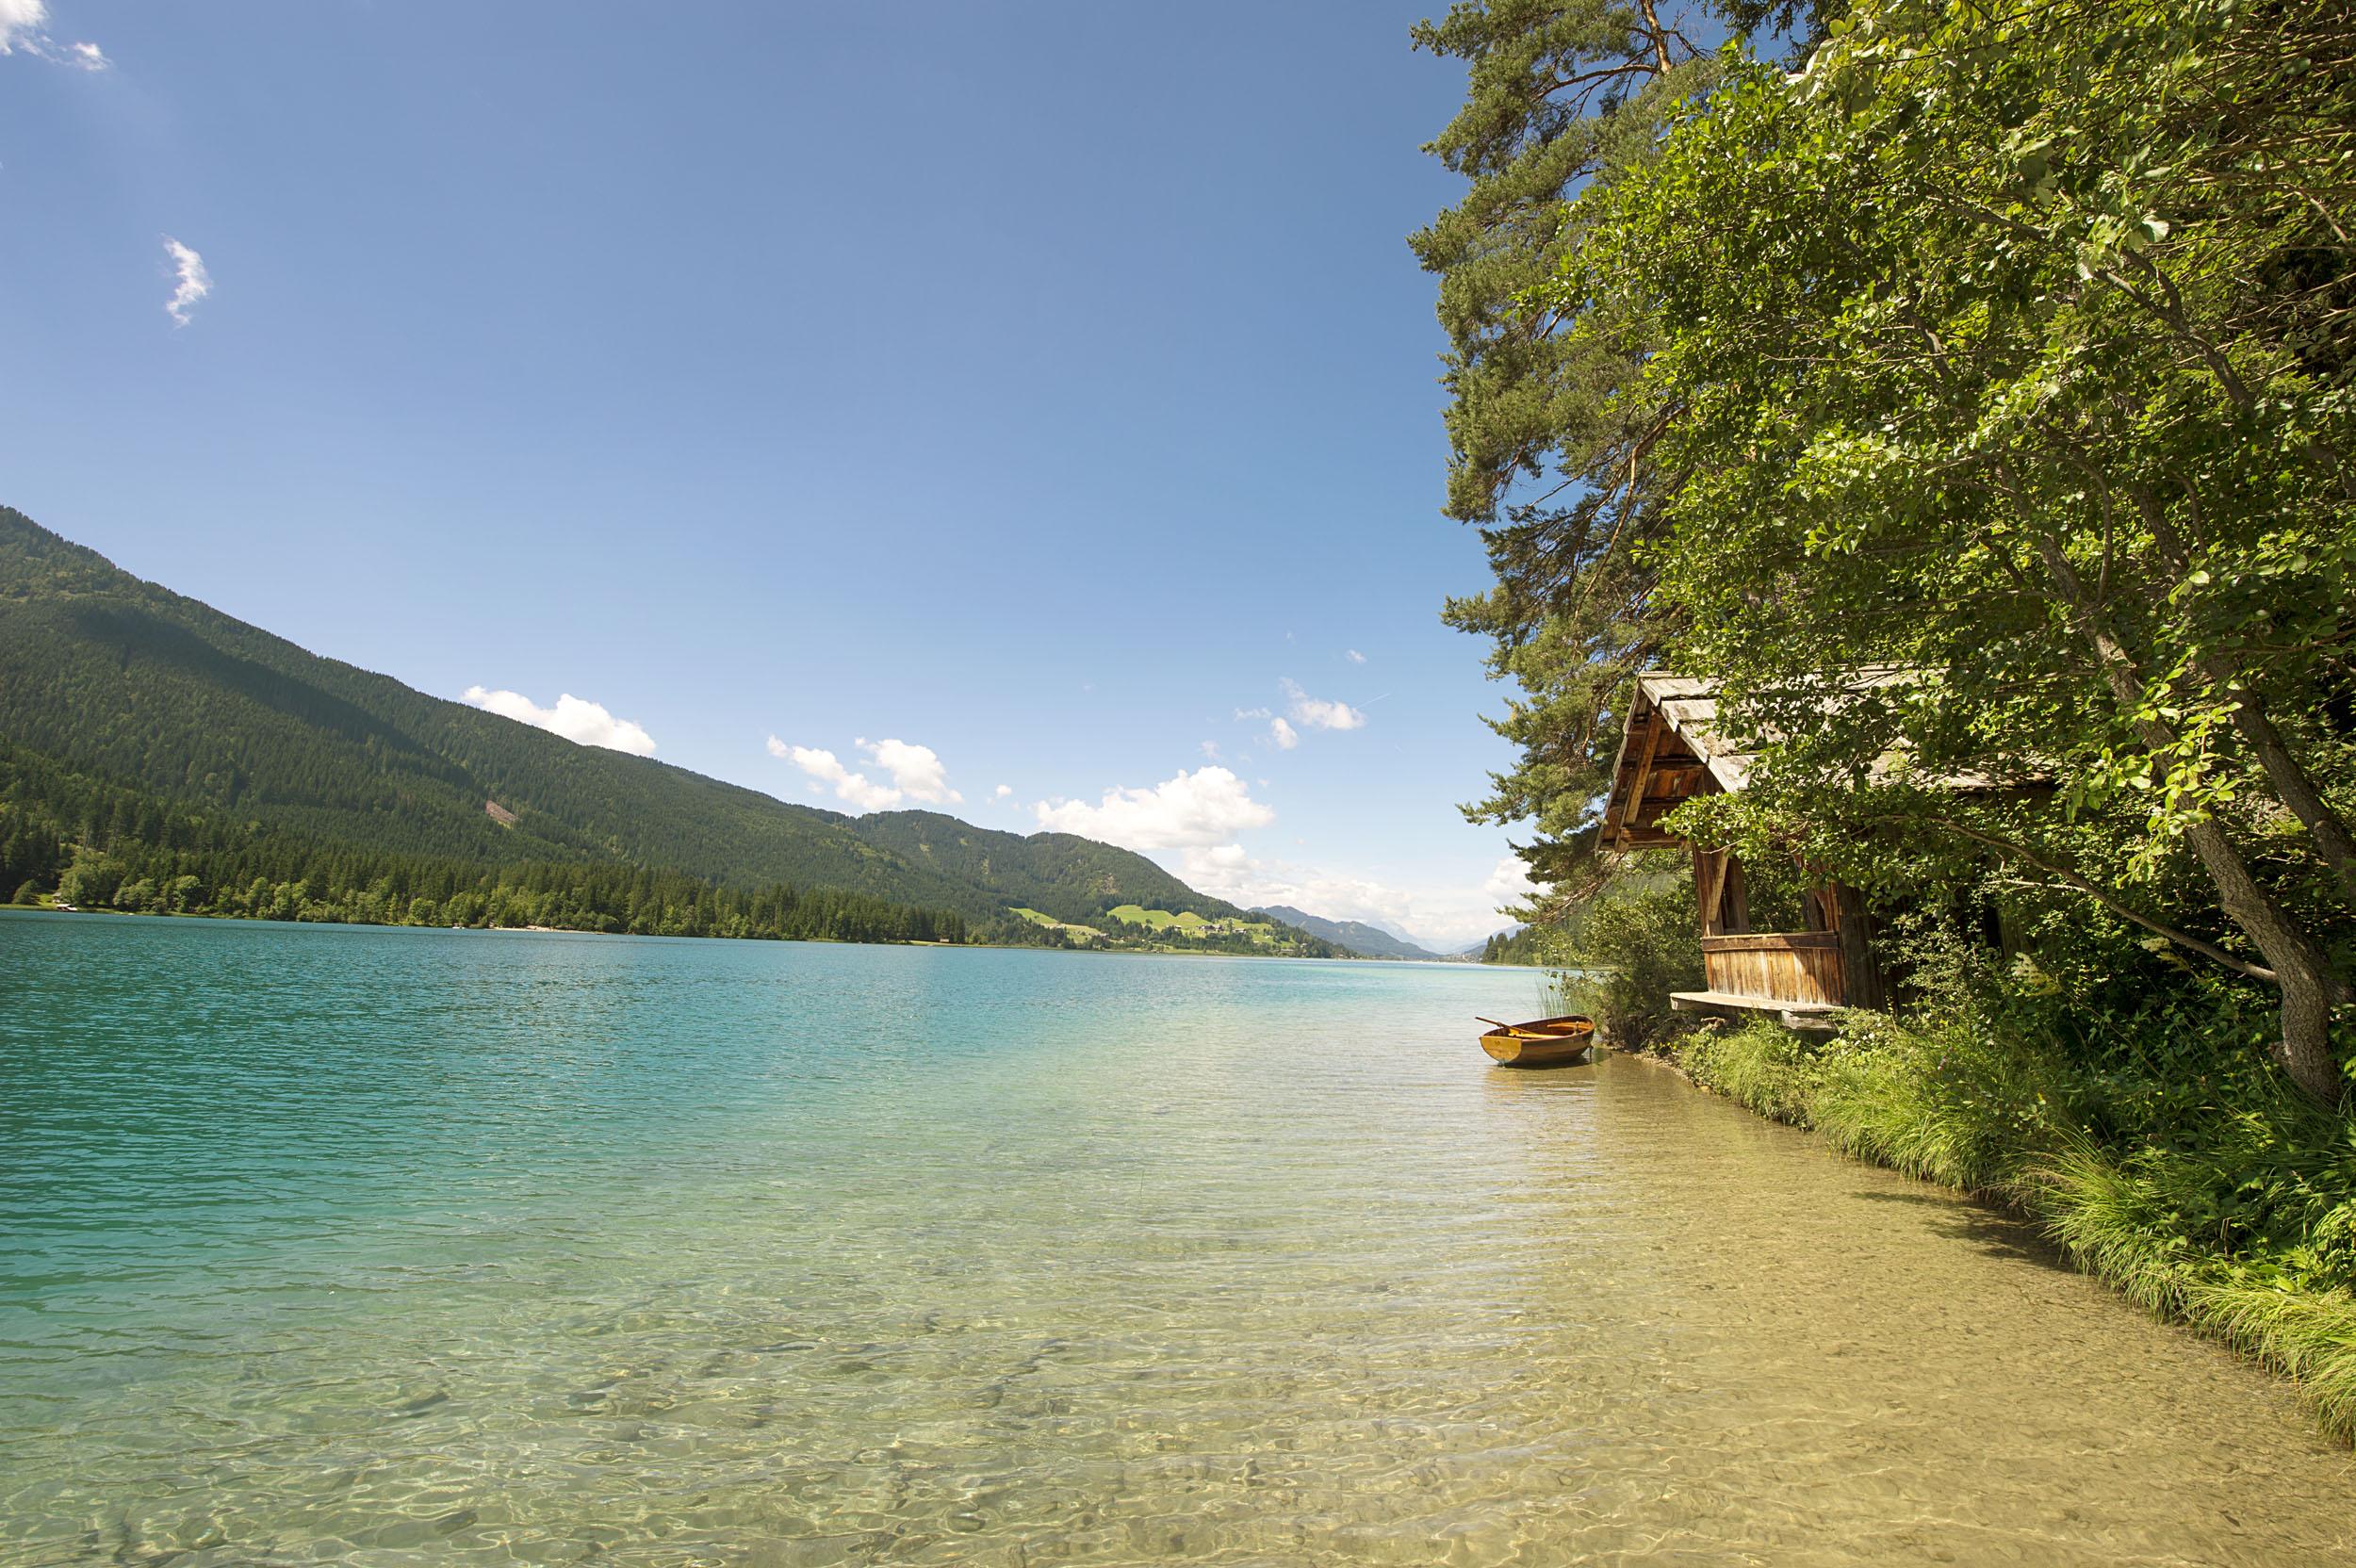 Das idyllische Ufer am Ossiacher See lädt zu Urlaub in Kärnten am See ein